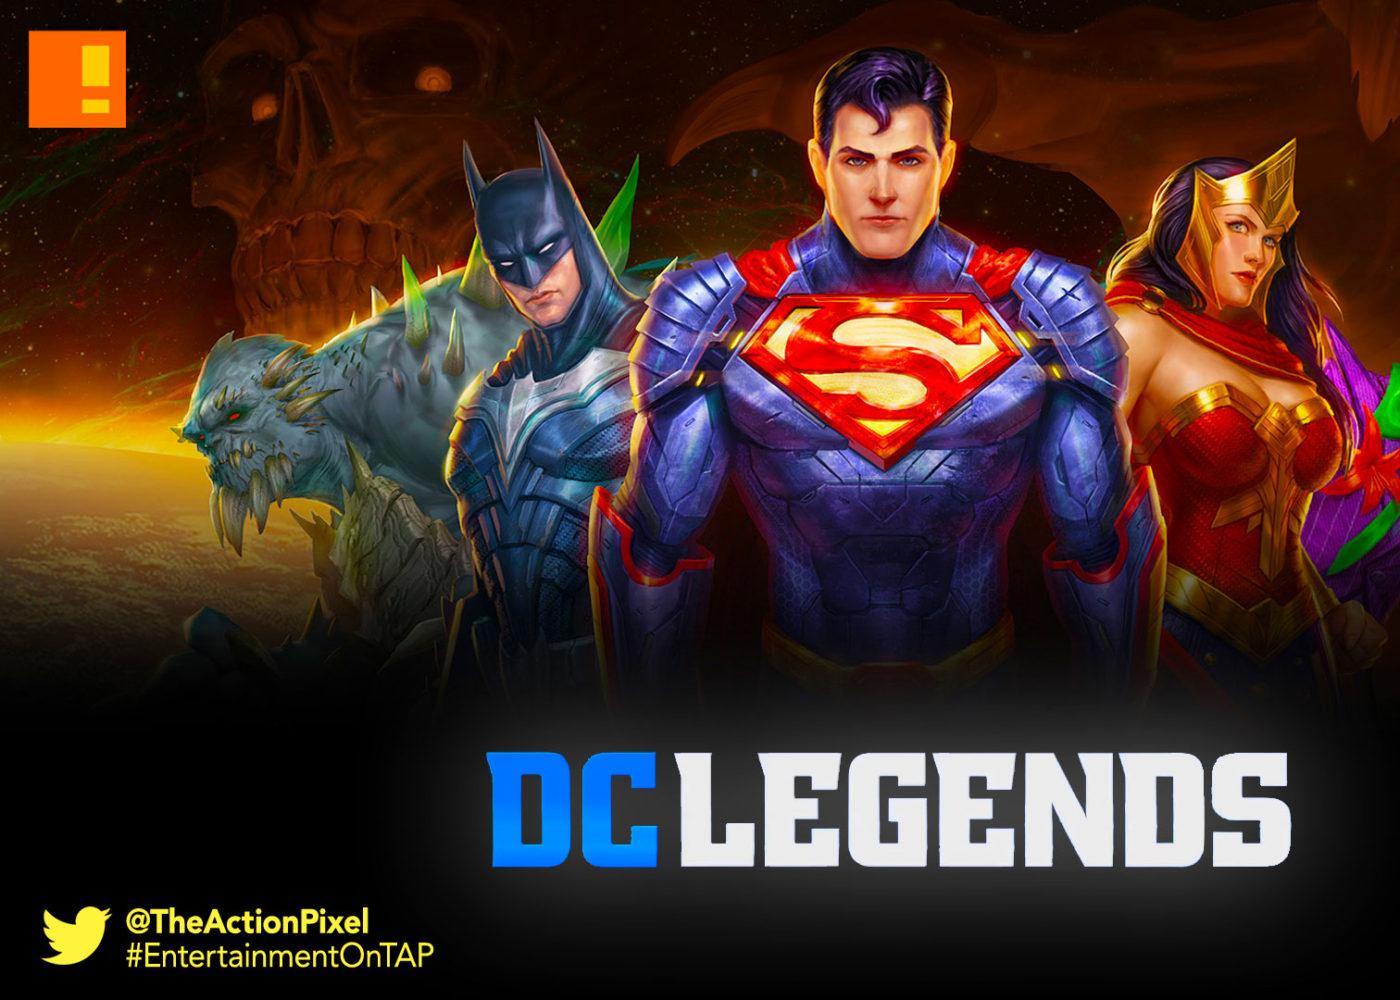 DC LEGENDS, dc comics, android, mobile, the action pixel, entertainment on tap, wonder woman, superman, batman,